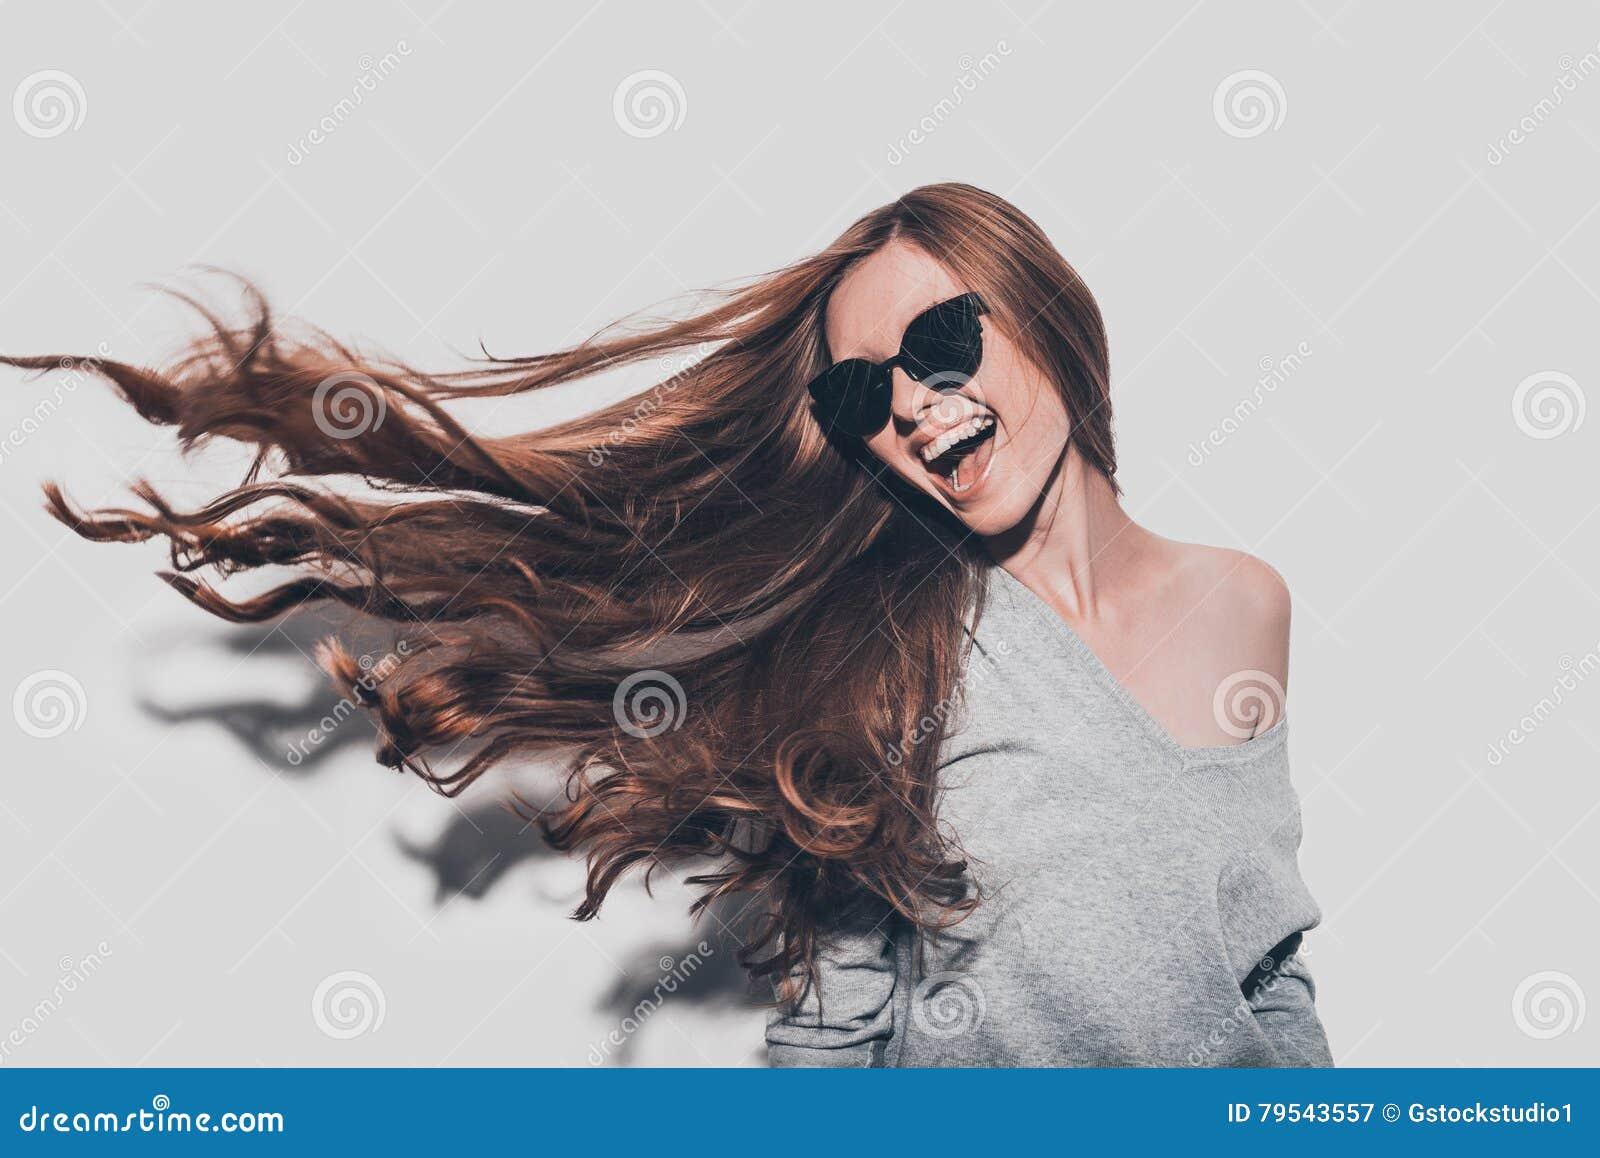 Волосы как огонь